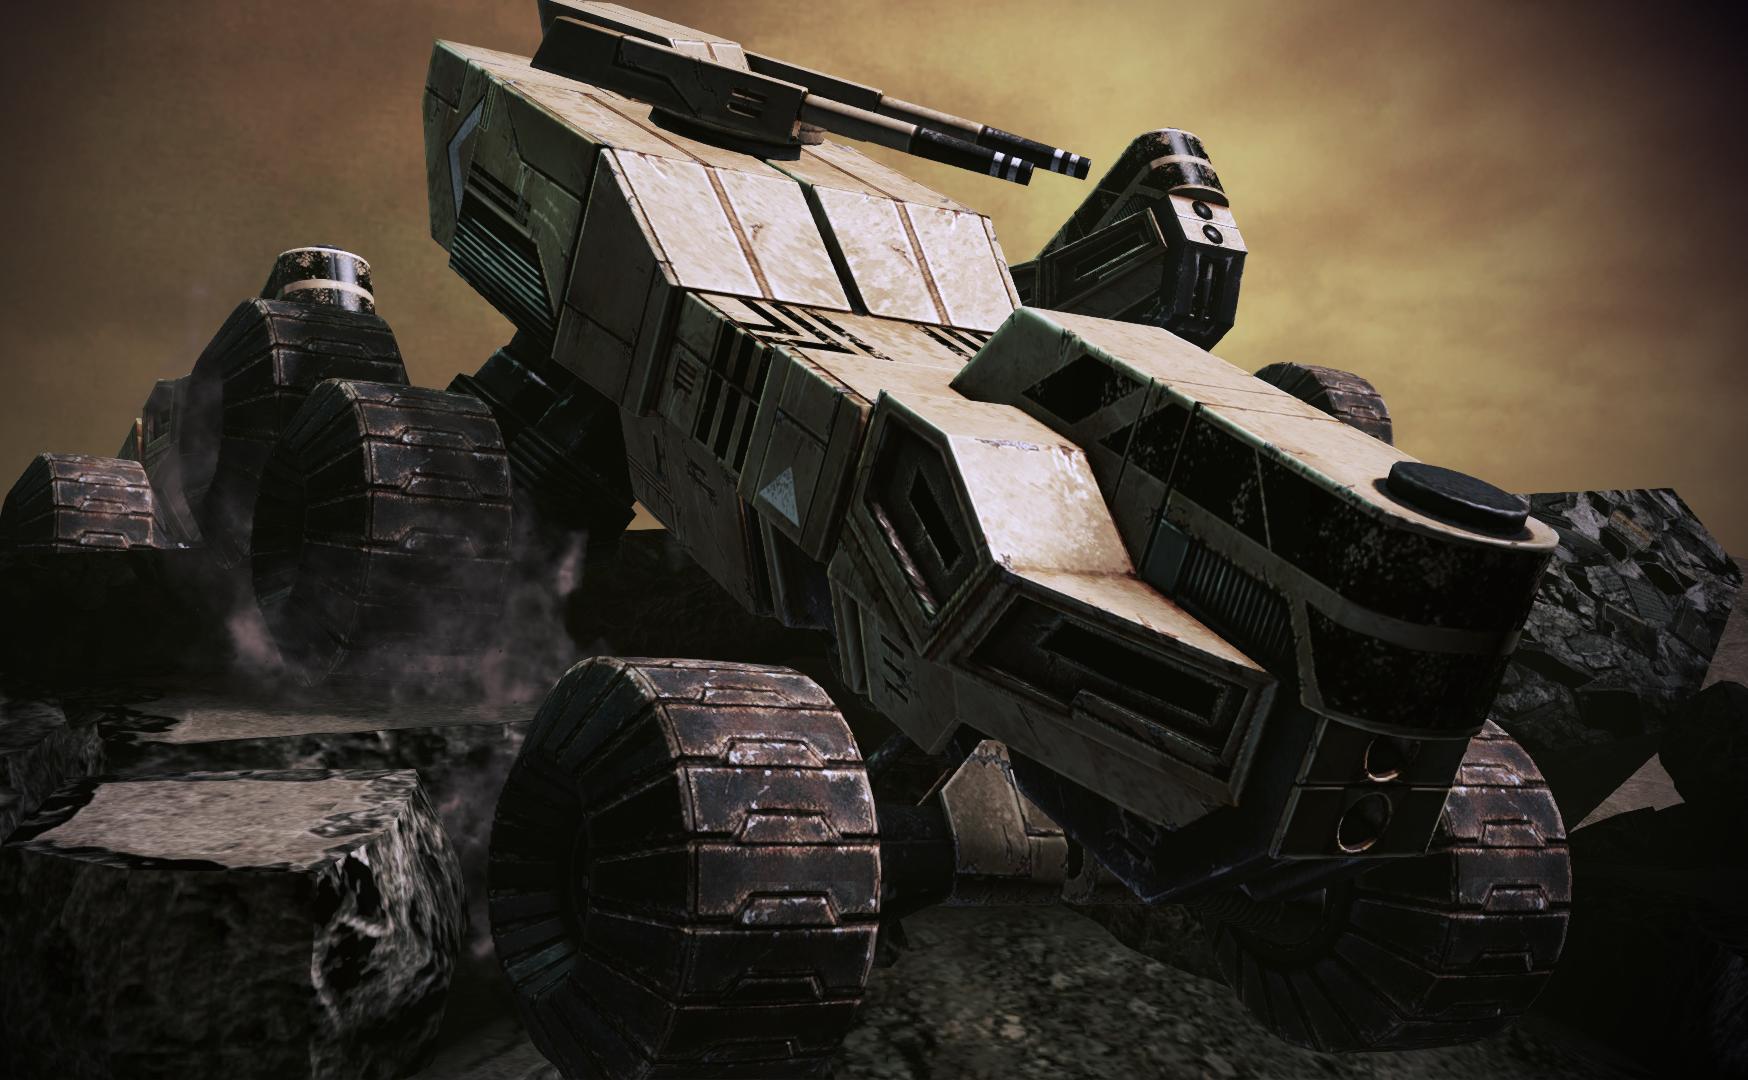 Mass Effect 3 Vehicles: Mako Or Hammerhead? : Masseffect